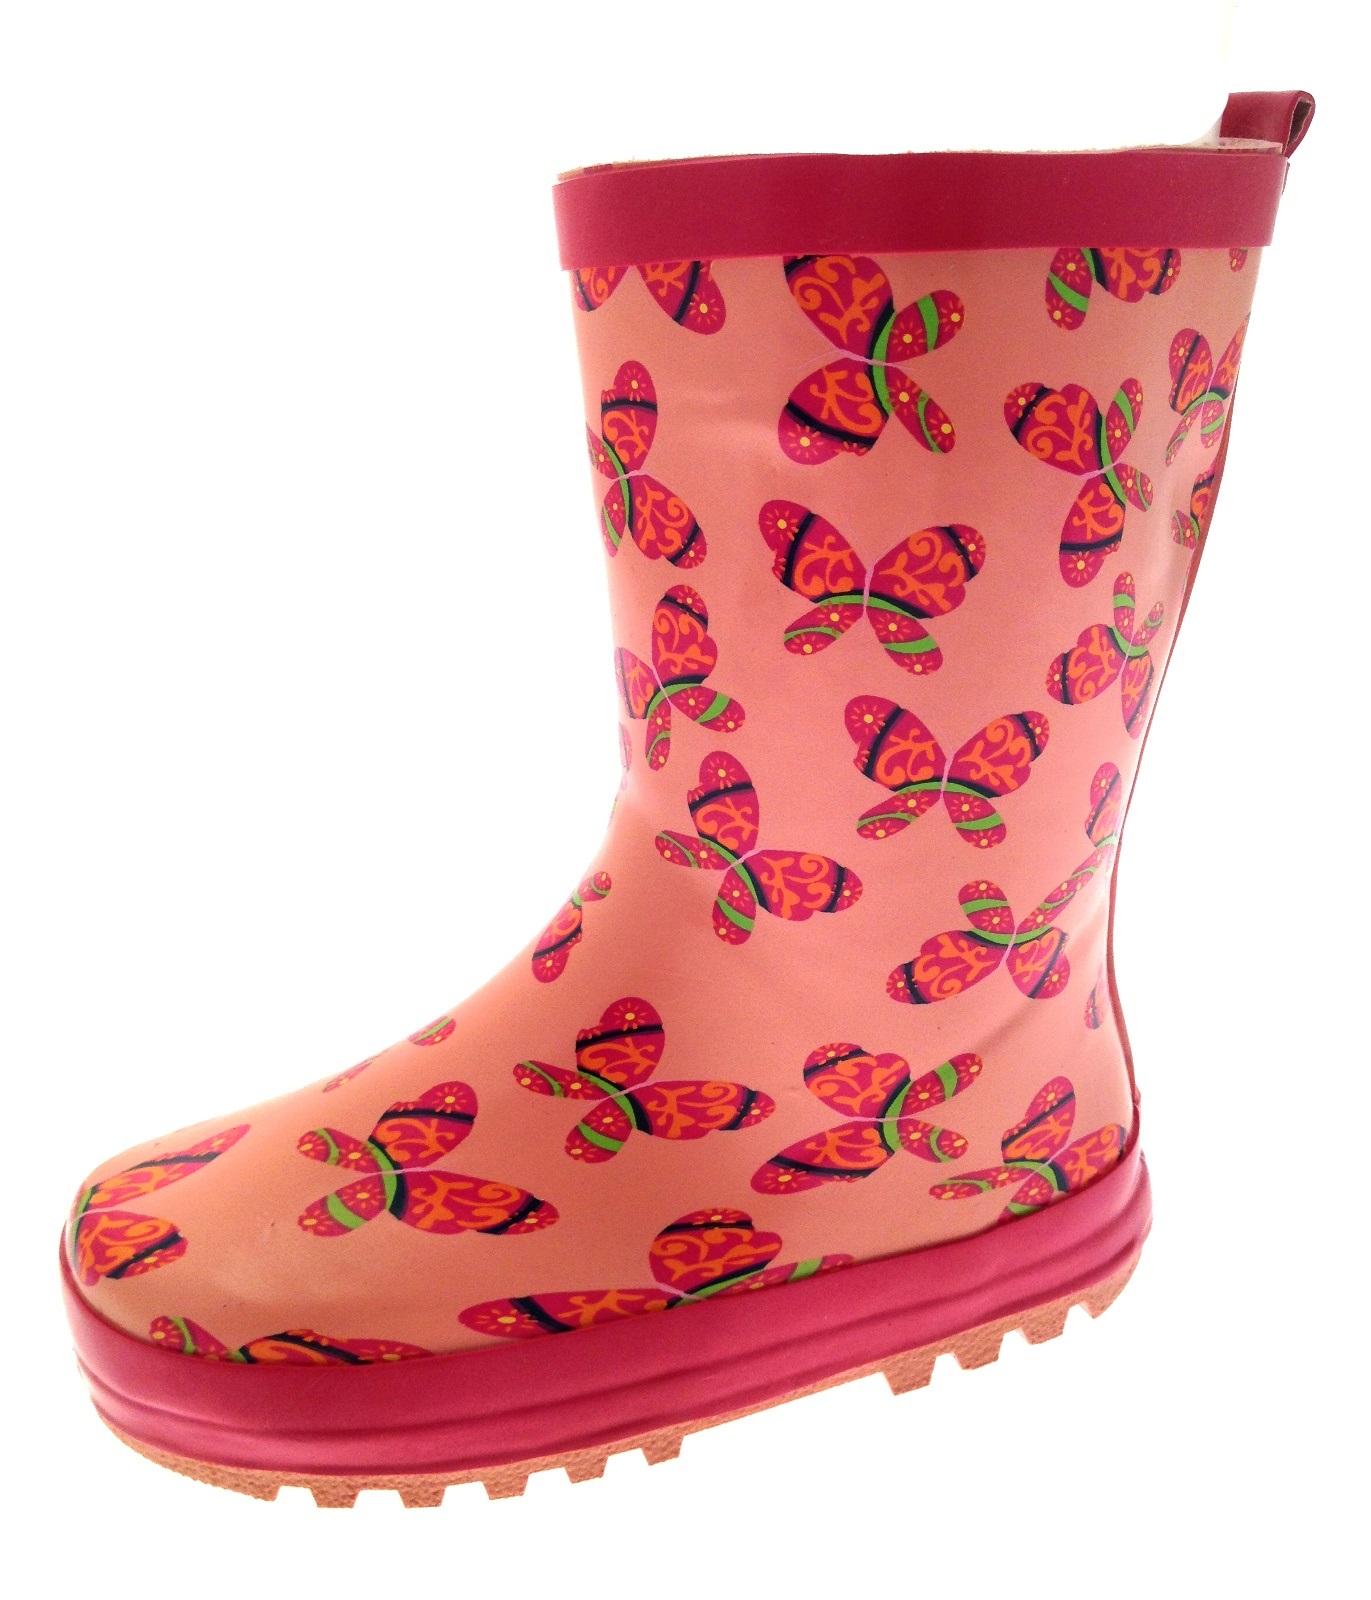 Girls Wellies Rubber Rain Snow Boots Winter Wellingtons